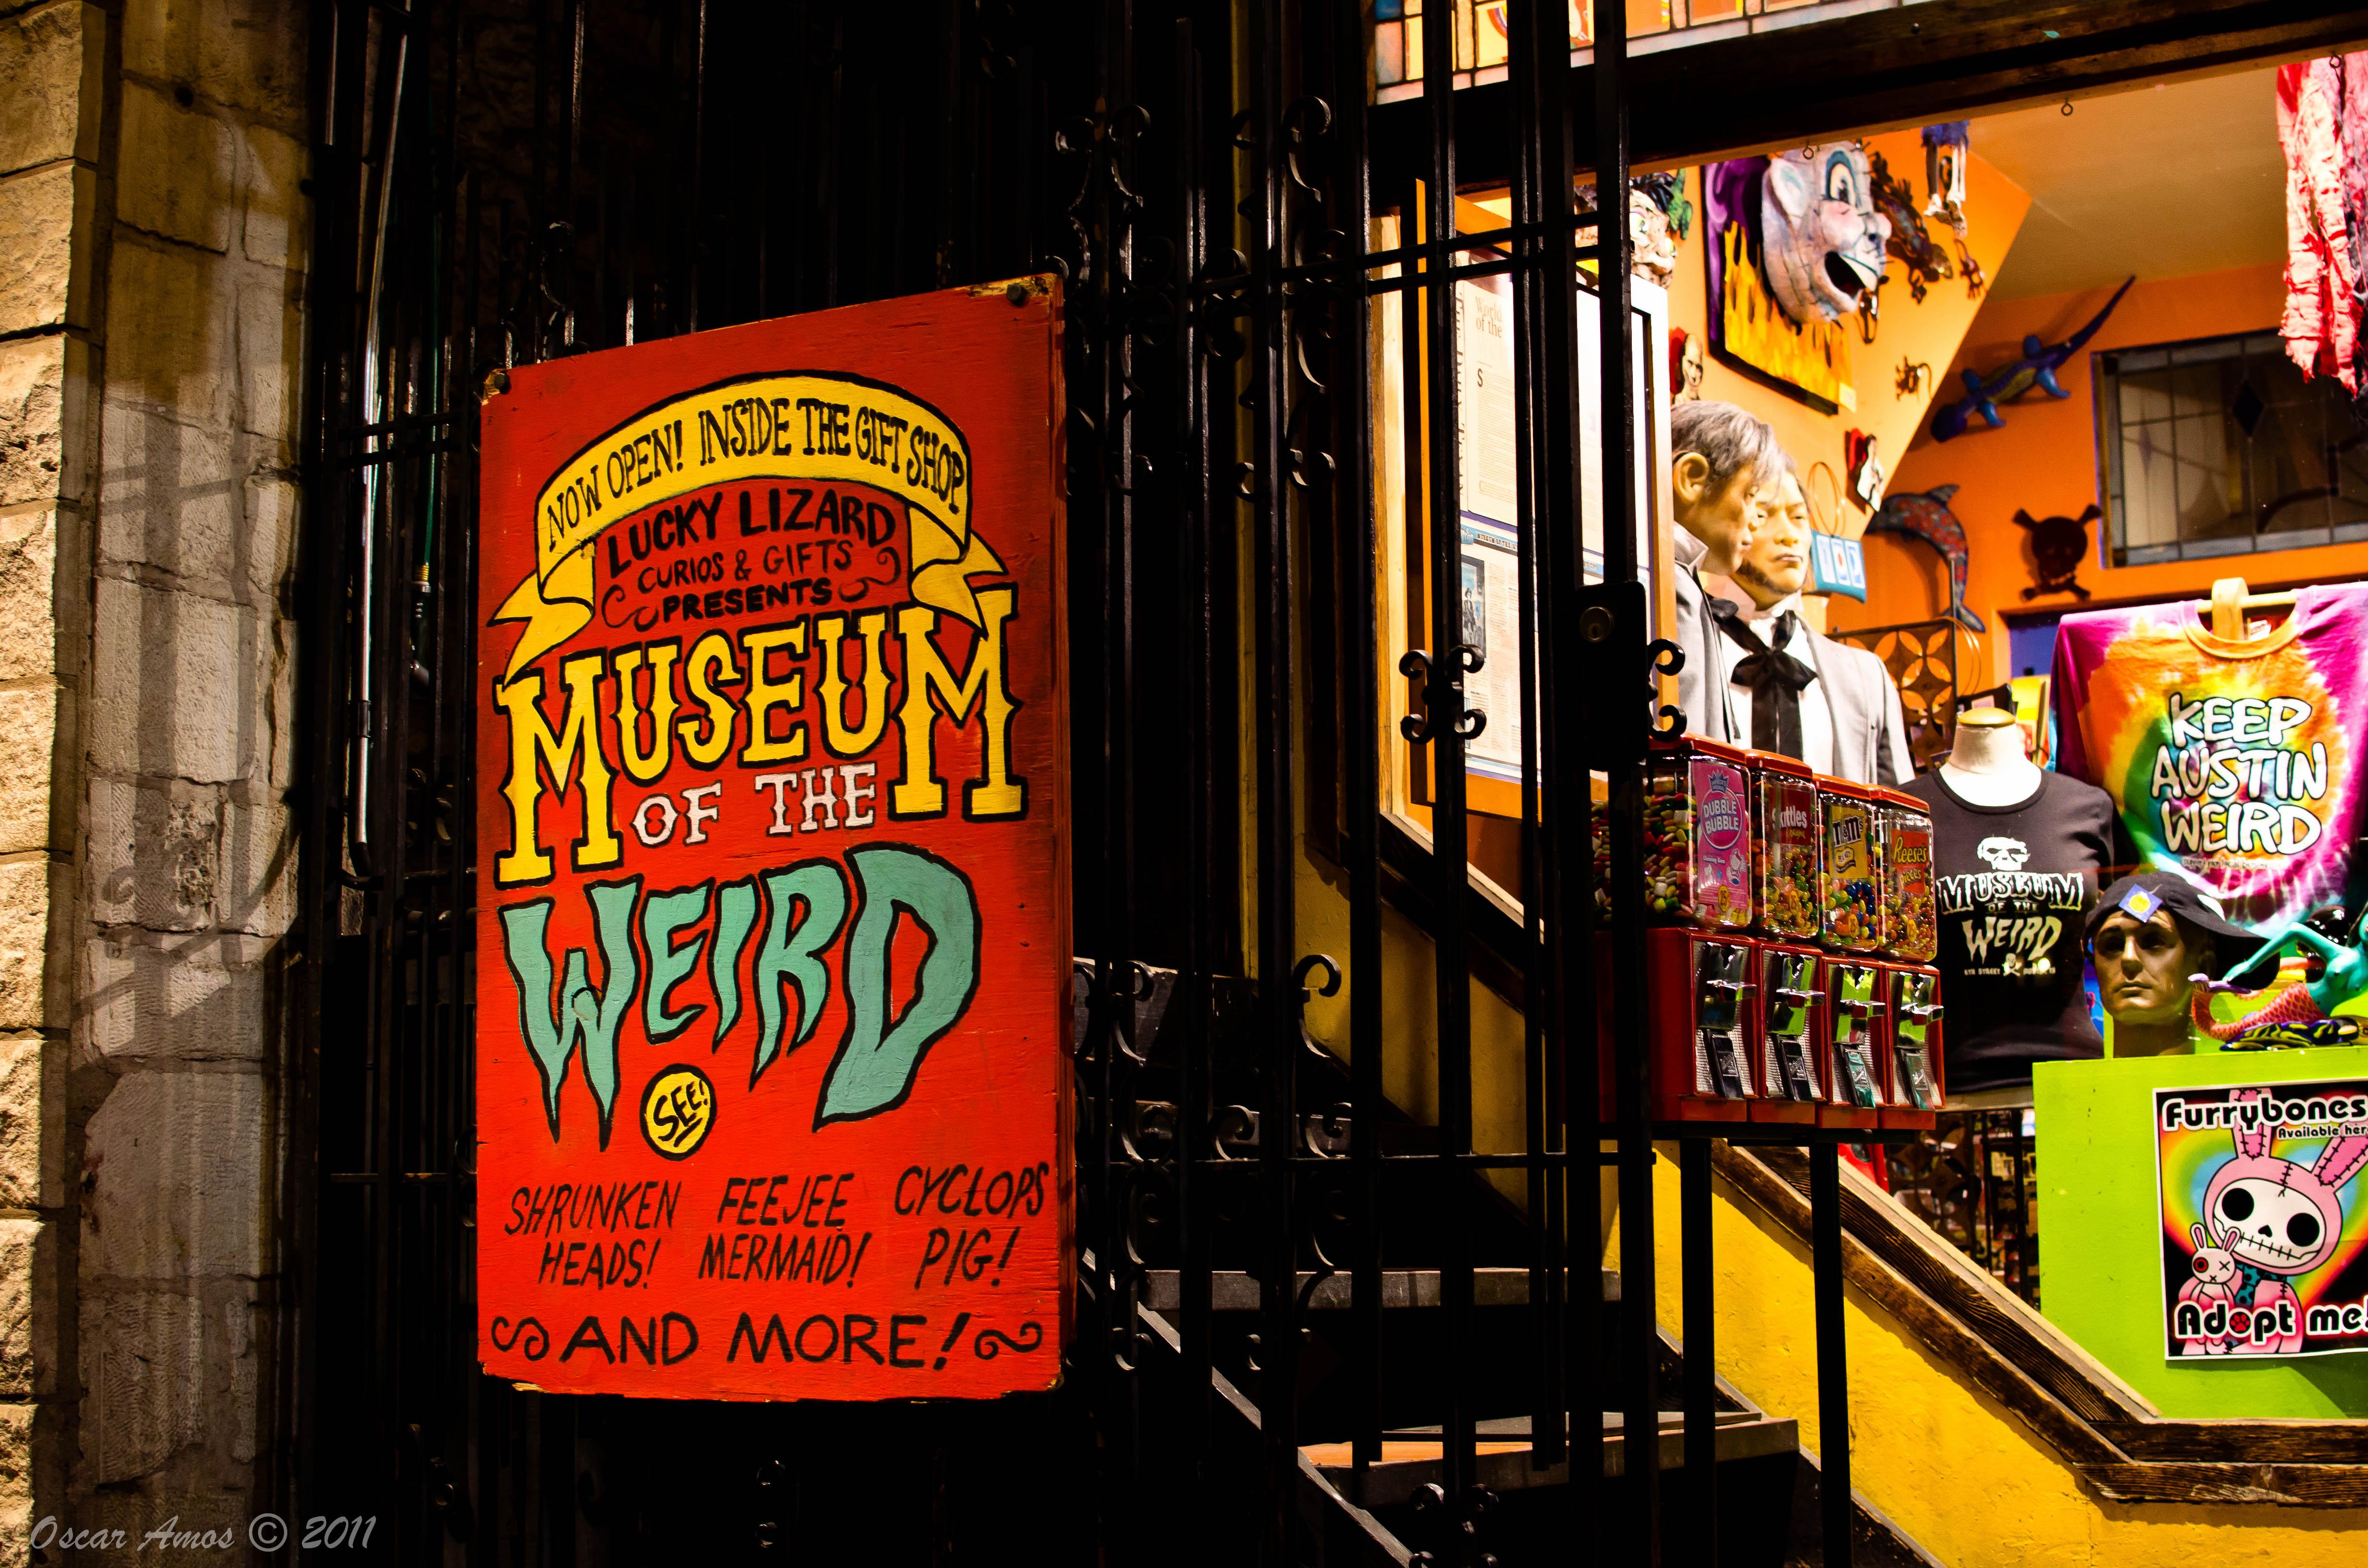 » 98/365: Museum of the Weird Museum of the Weird